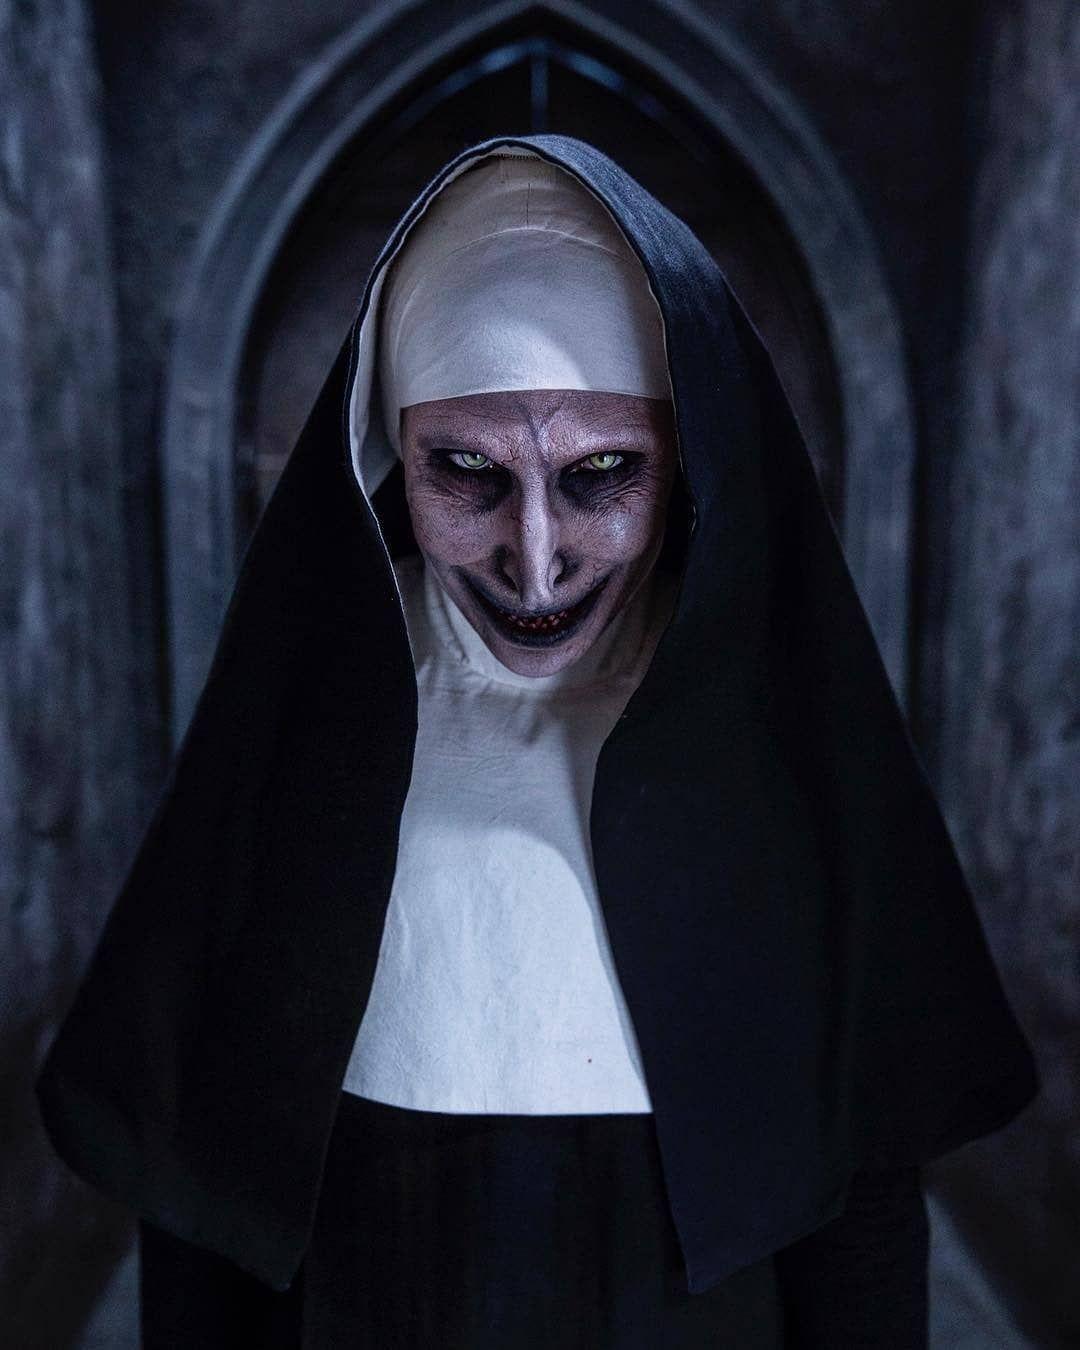 Pin De Yagami Em Arte Escura Melhores Filmes De Terror Filmes